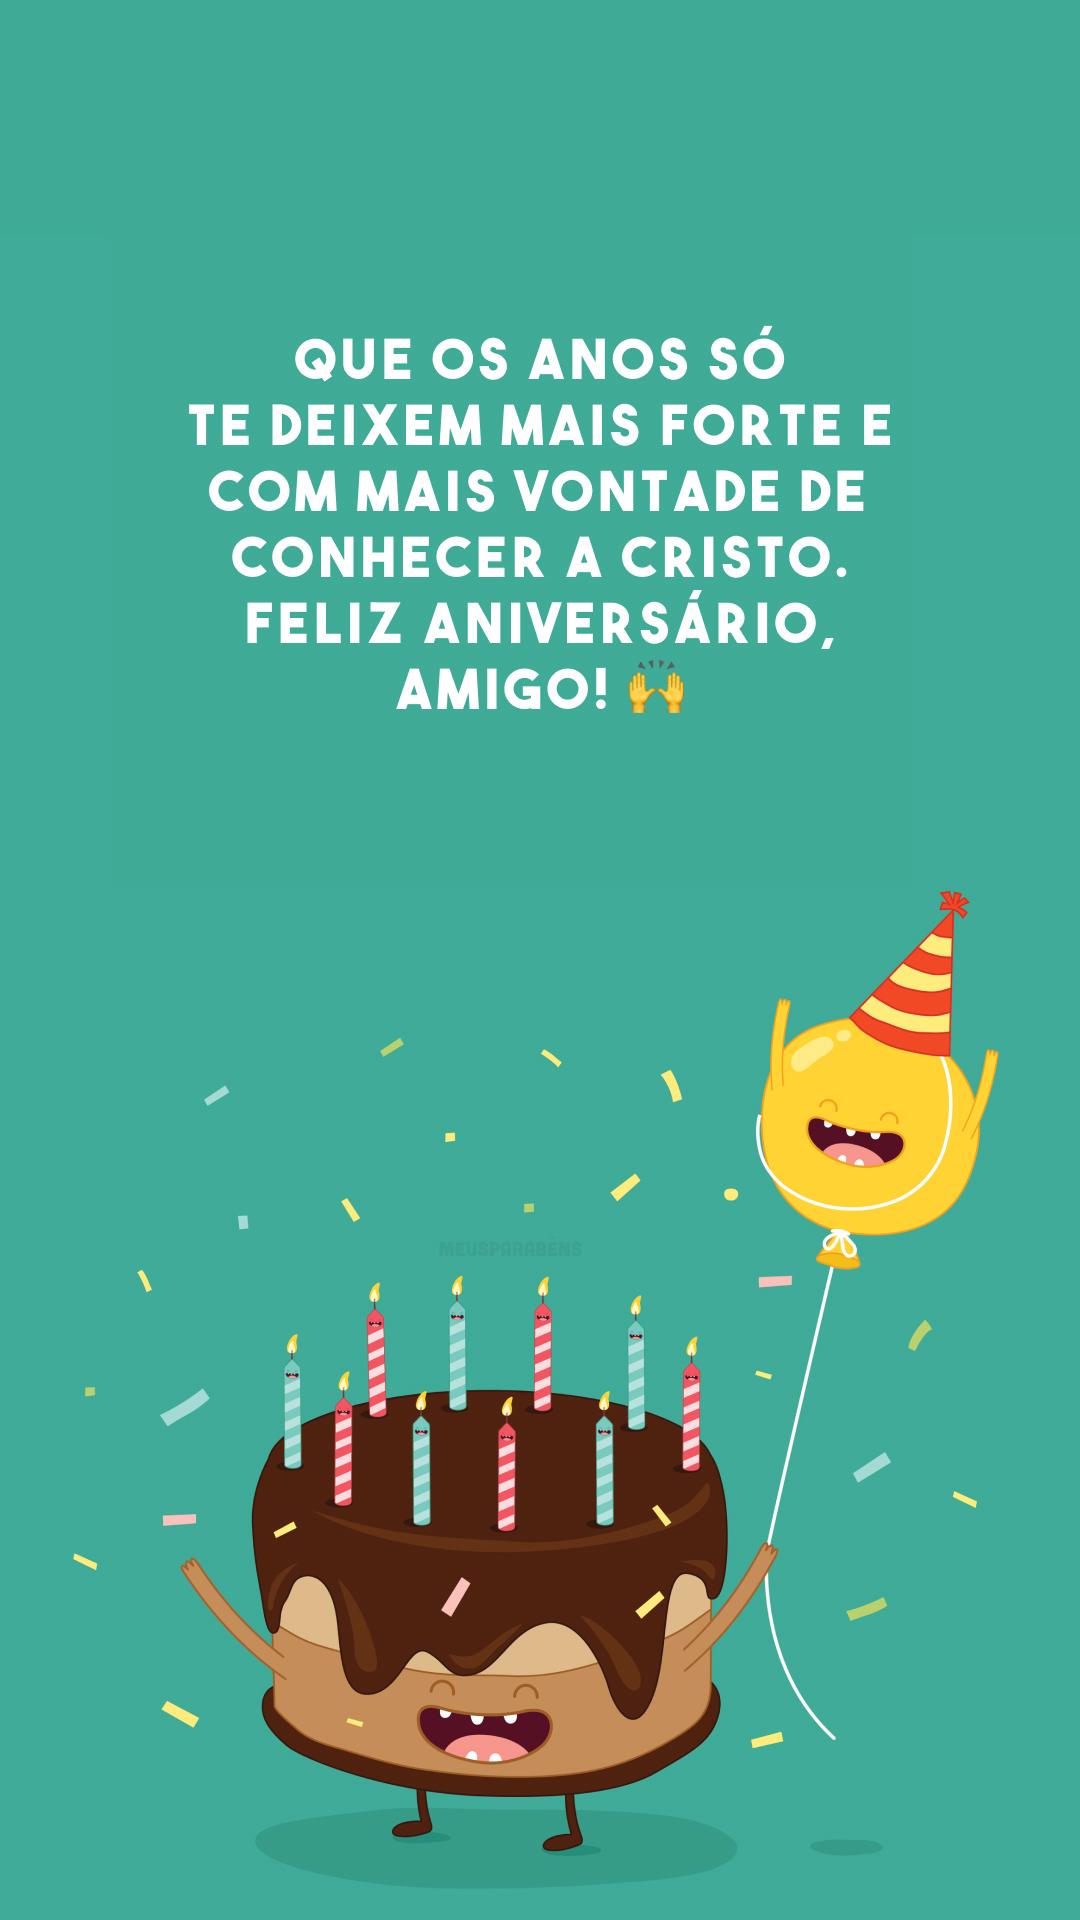 Que os anos só te deixem mais forte e com mais vontade de conhecer a Cristo. Feliz aniversário, amigo! 🙌